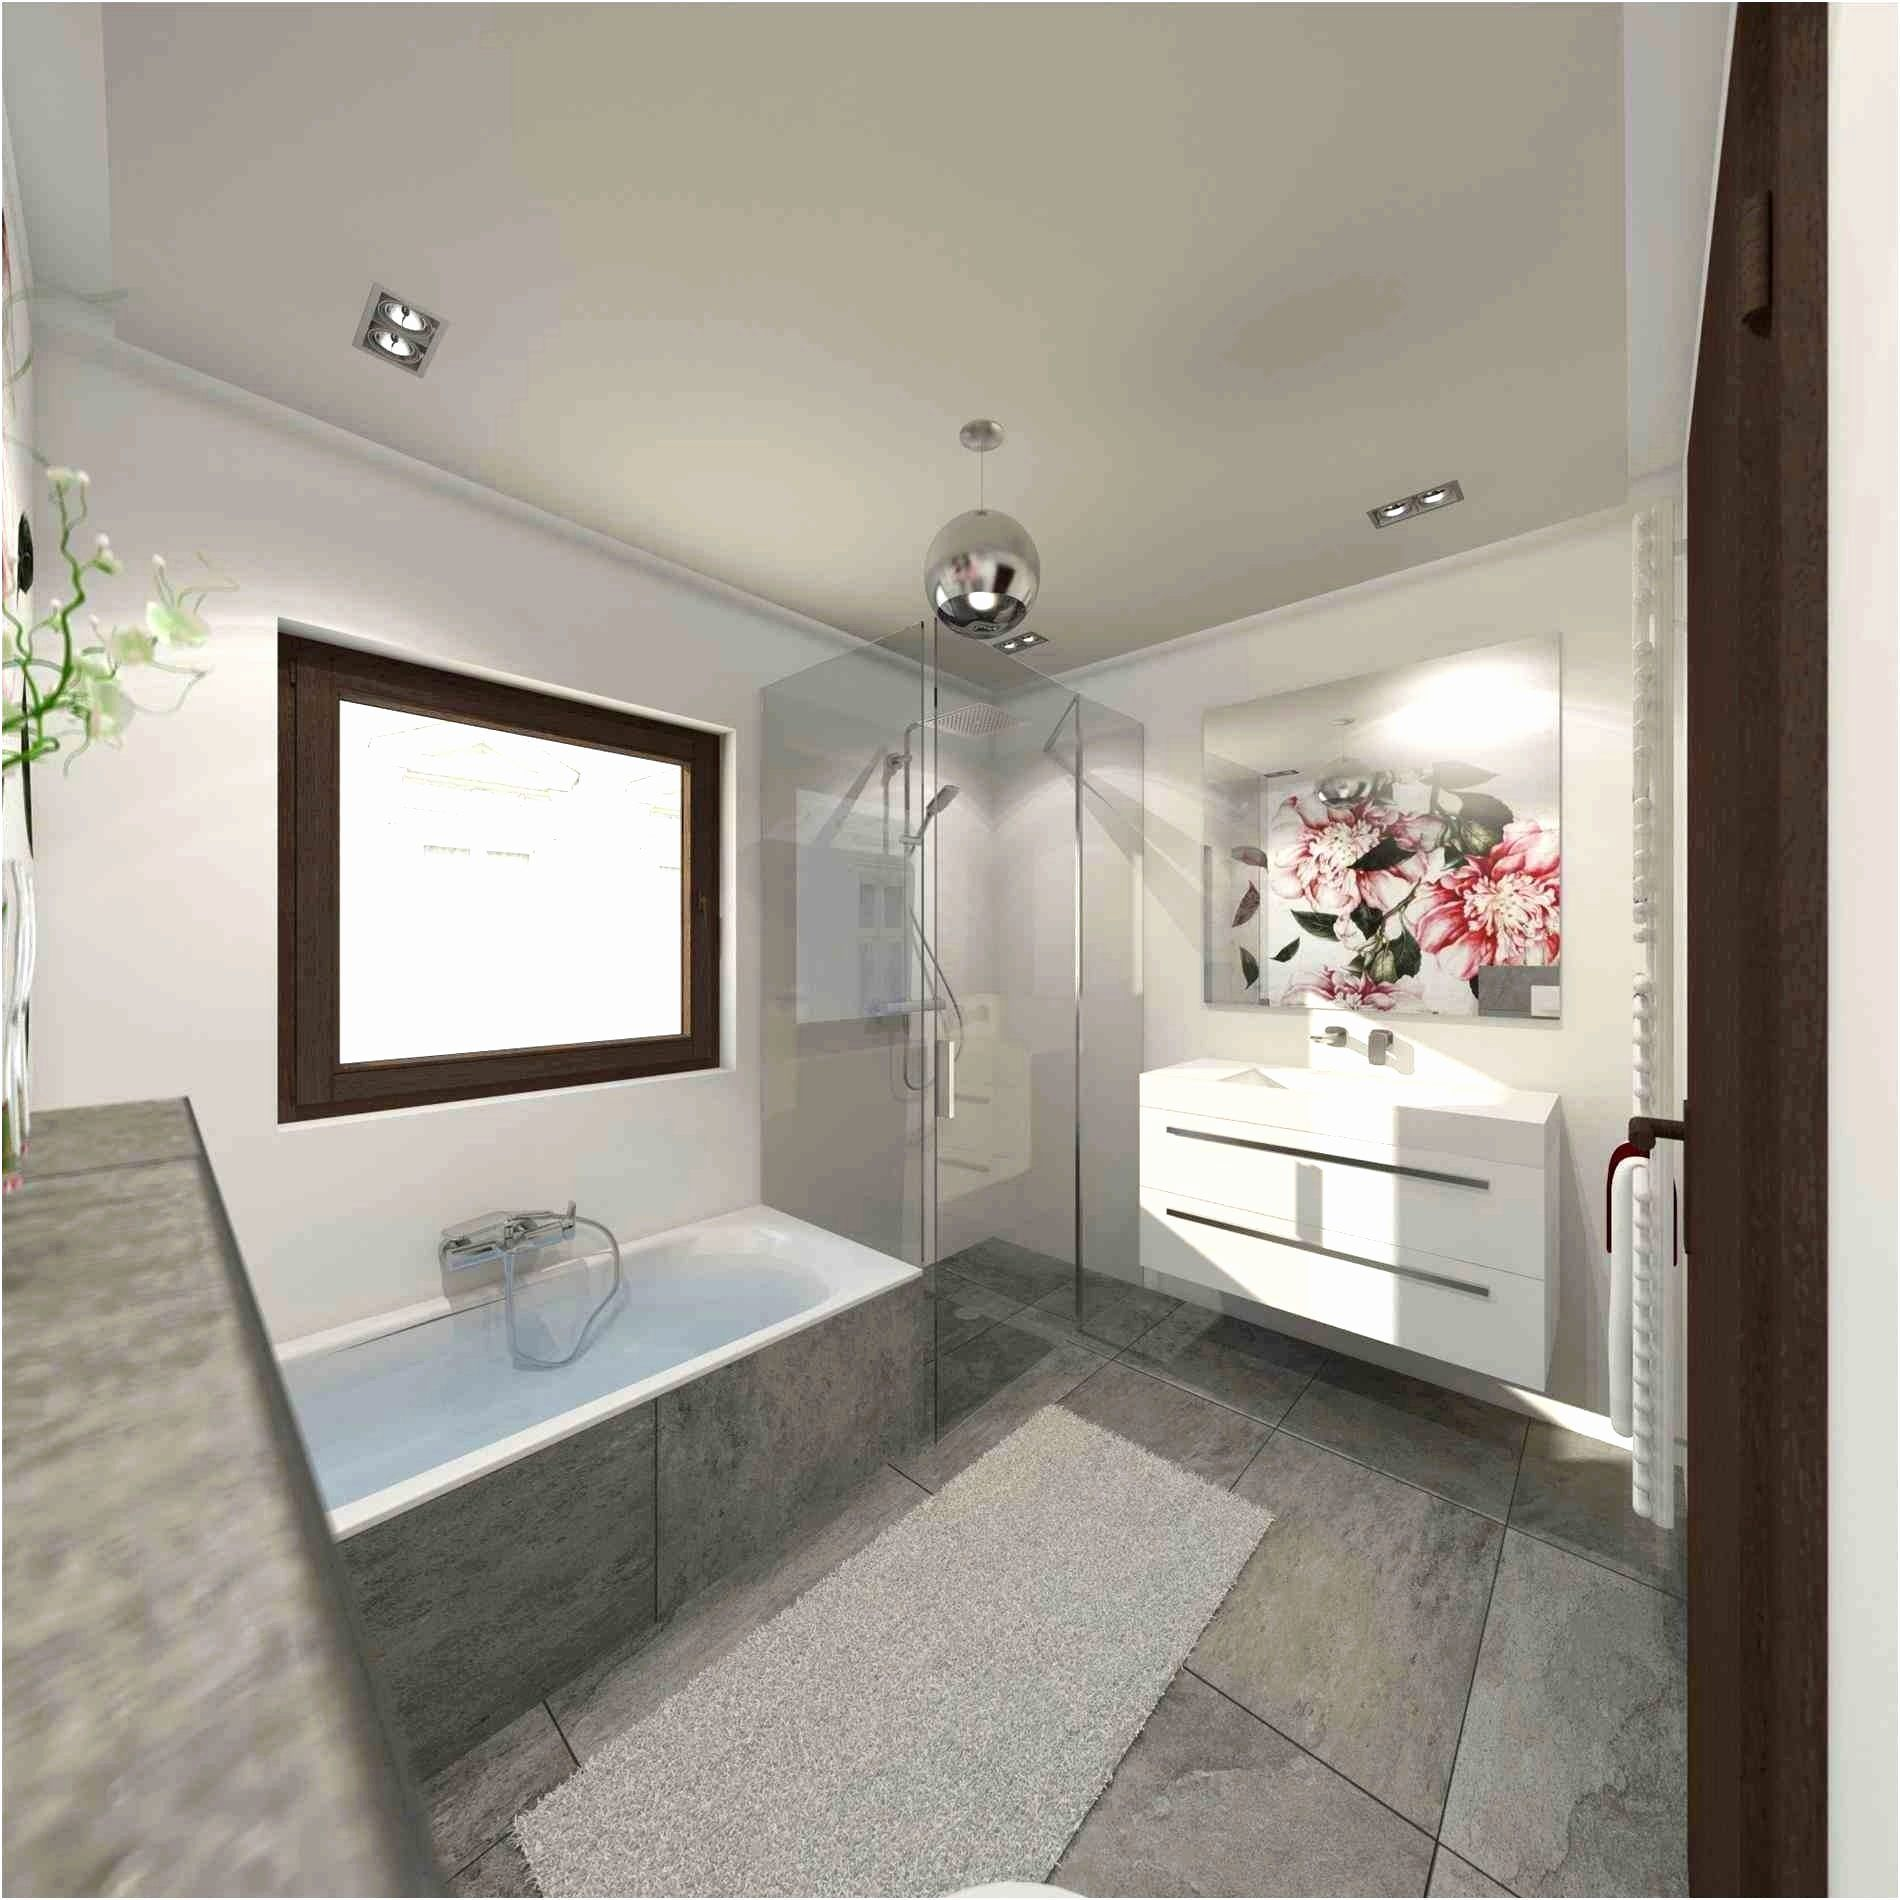 14 Badezimmer Umbau Fotos Ideen Luxus Aufnahme Badezimmer Renovieren Eintagamsee Renovieren Kosten Kosten Badezimmer Badezimmer Planen Badezimmer Renovieren